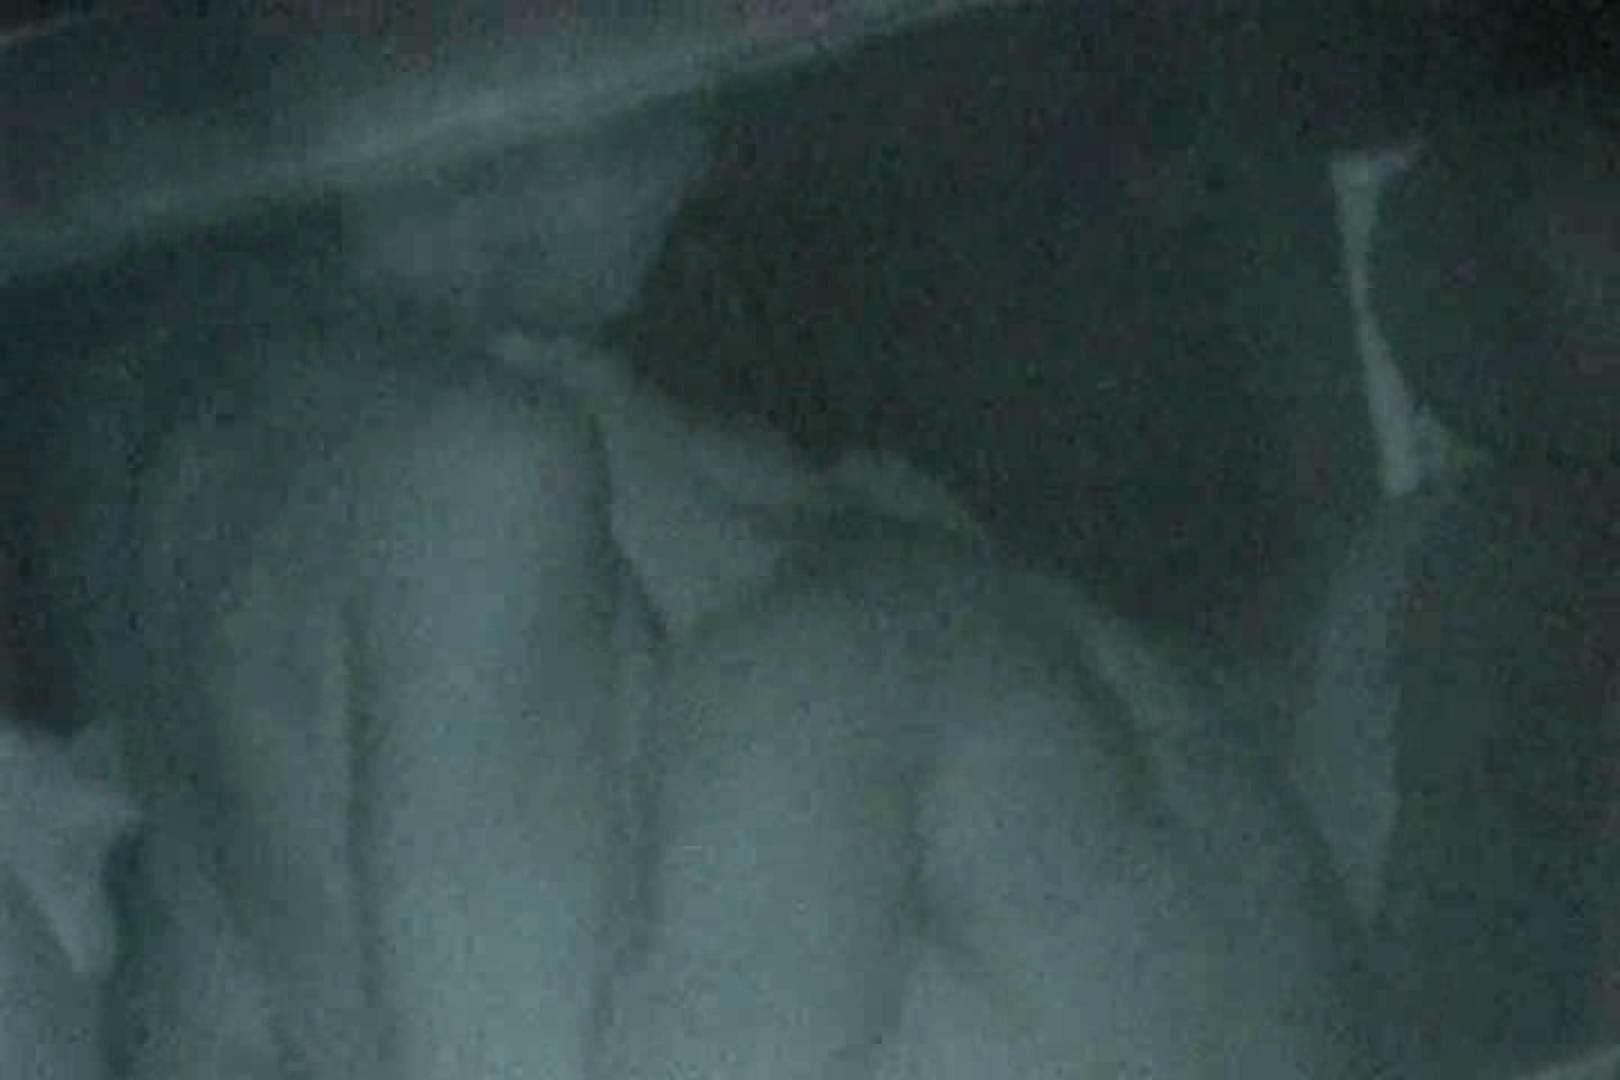 「充血監督」さんの深夜の運動会!! vol.130 カップルのセックス   赤外線  71連発 29